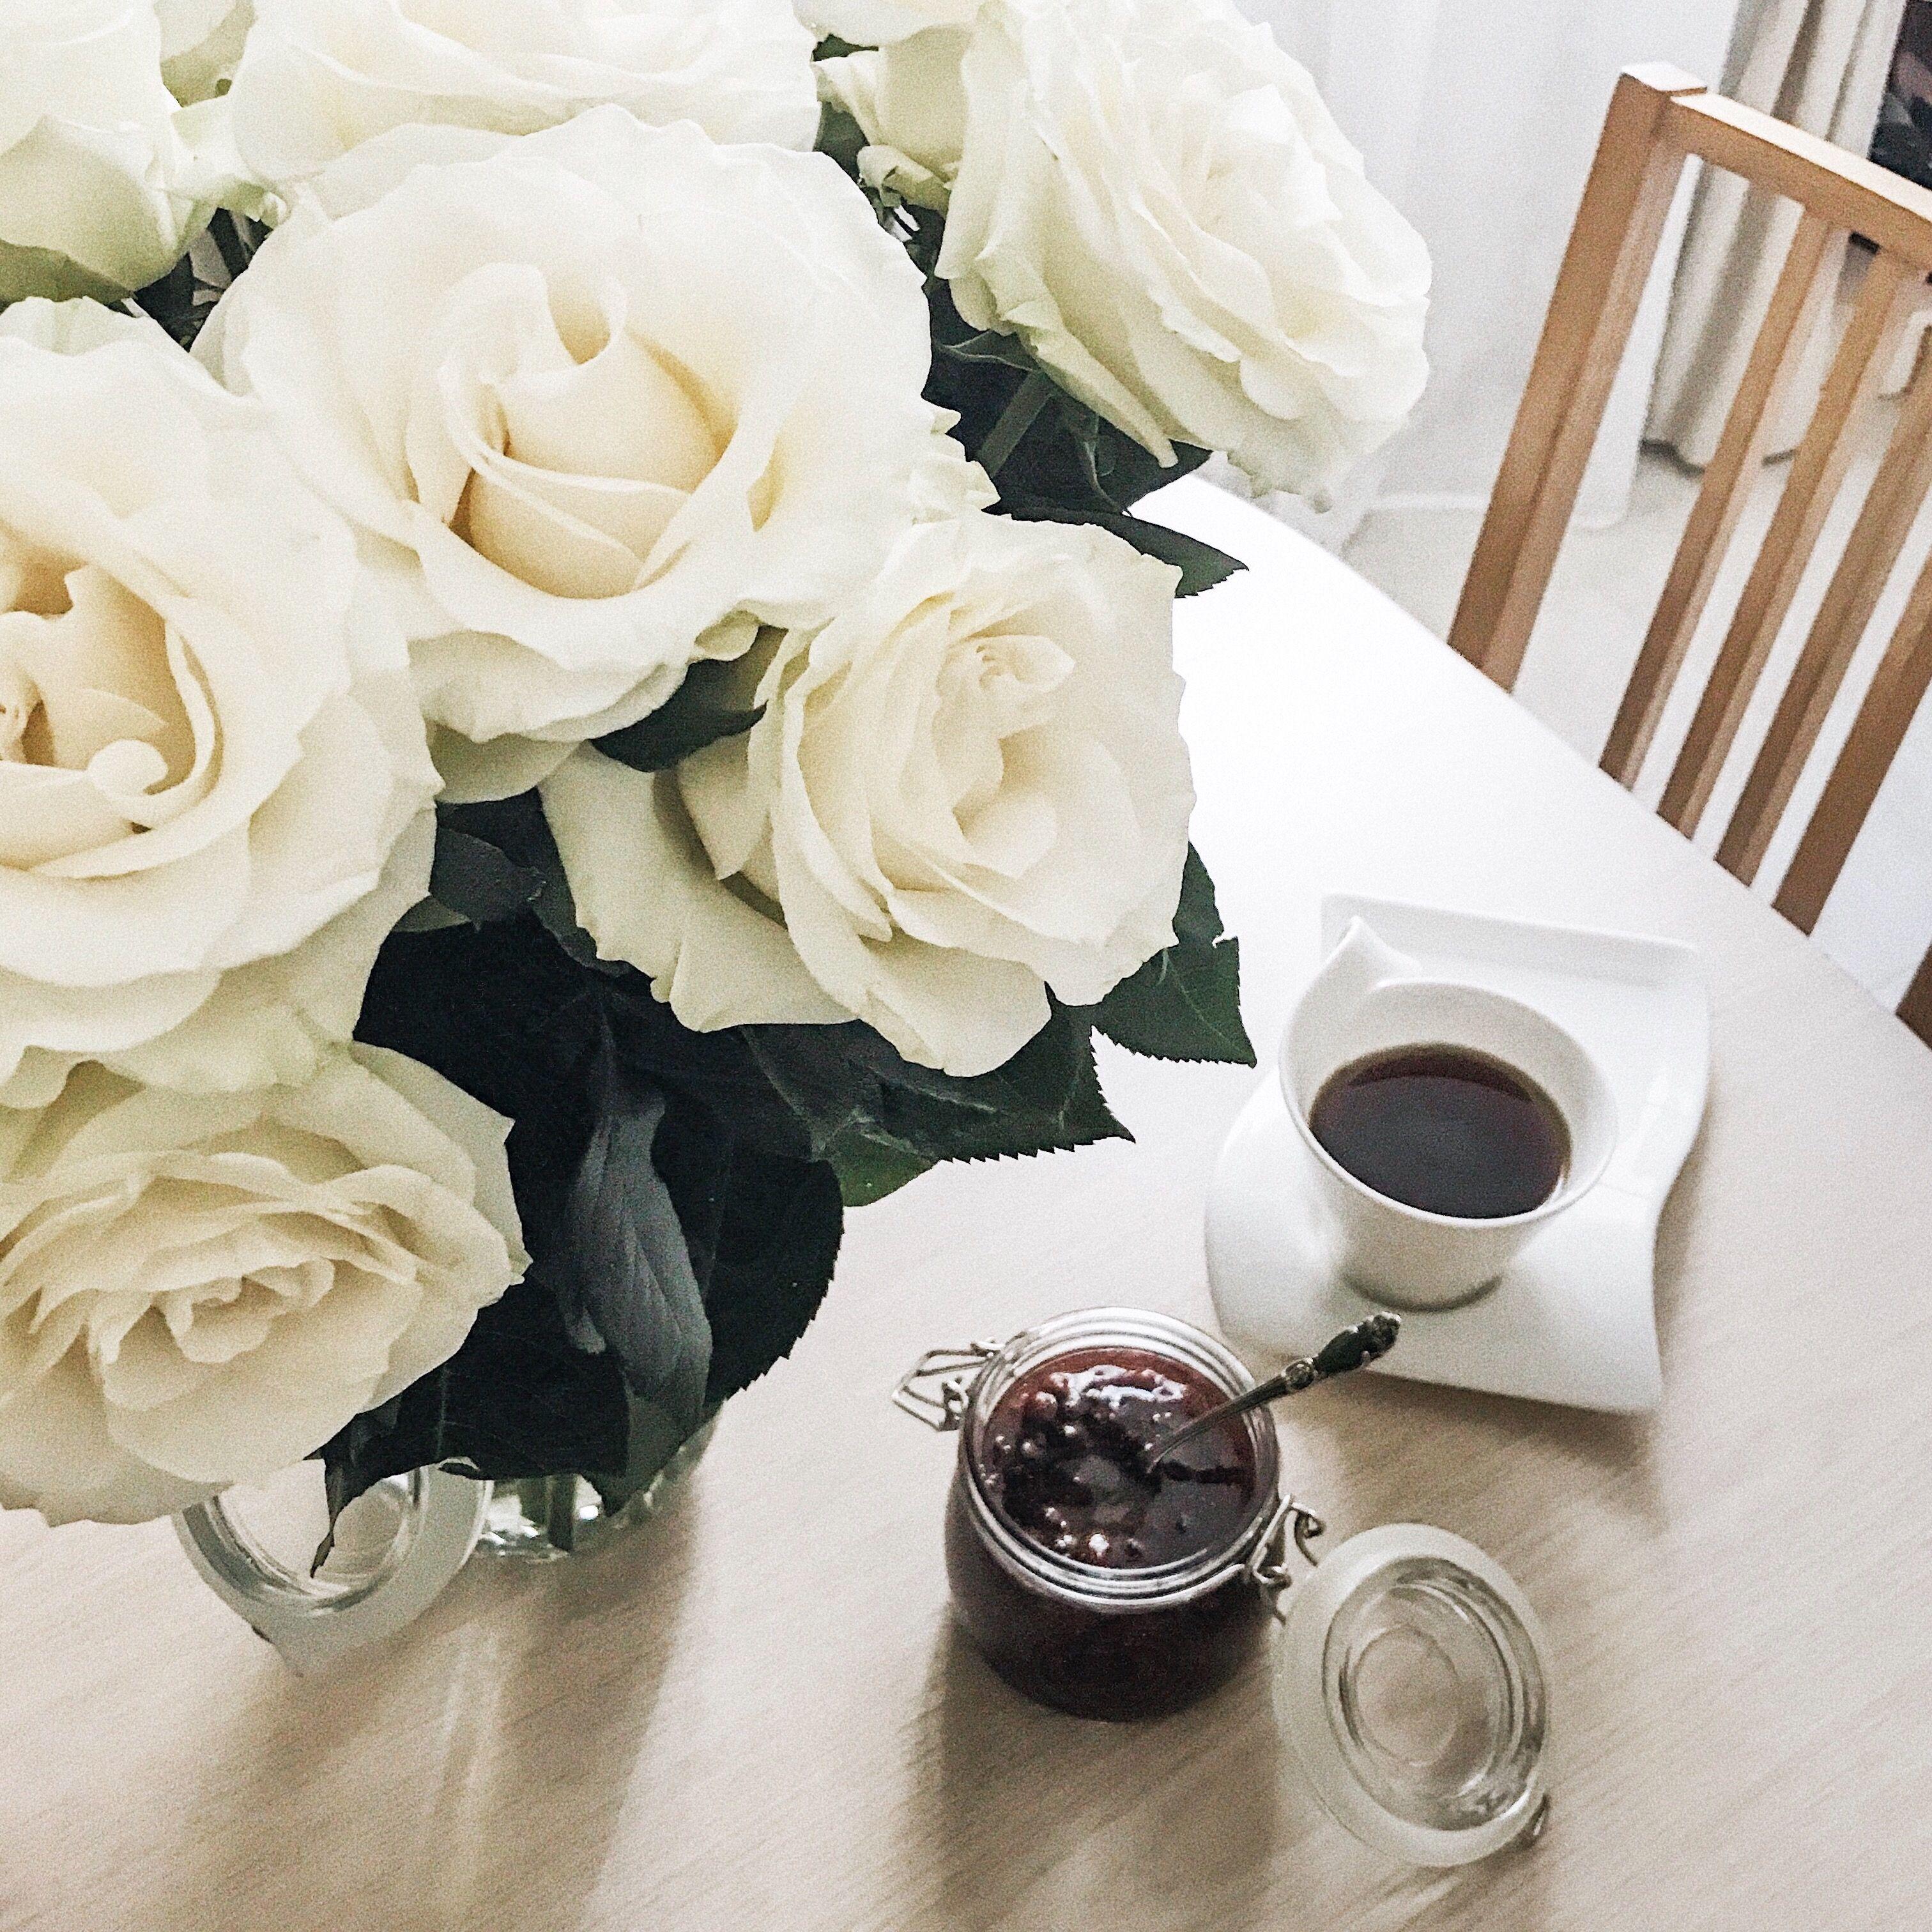 хорошие кофе белая посуда роза картинки фото многие